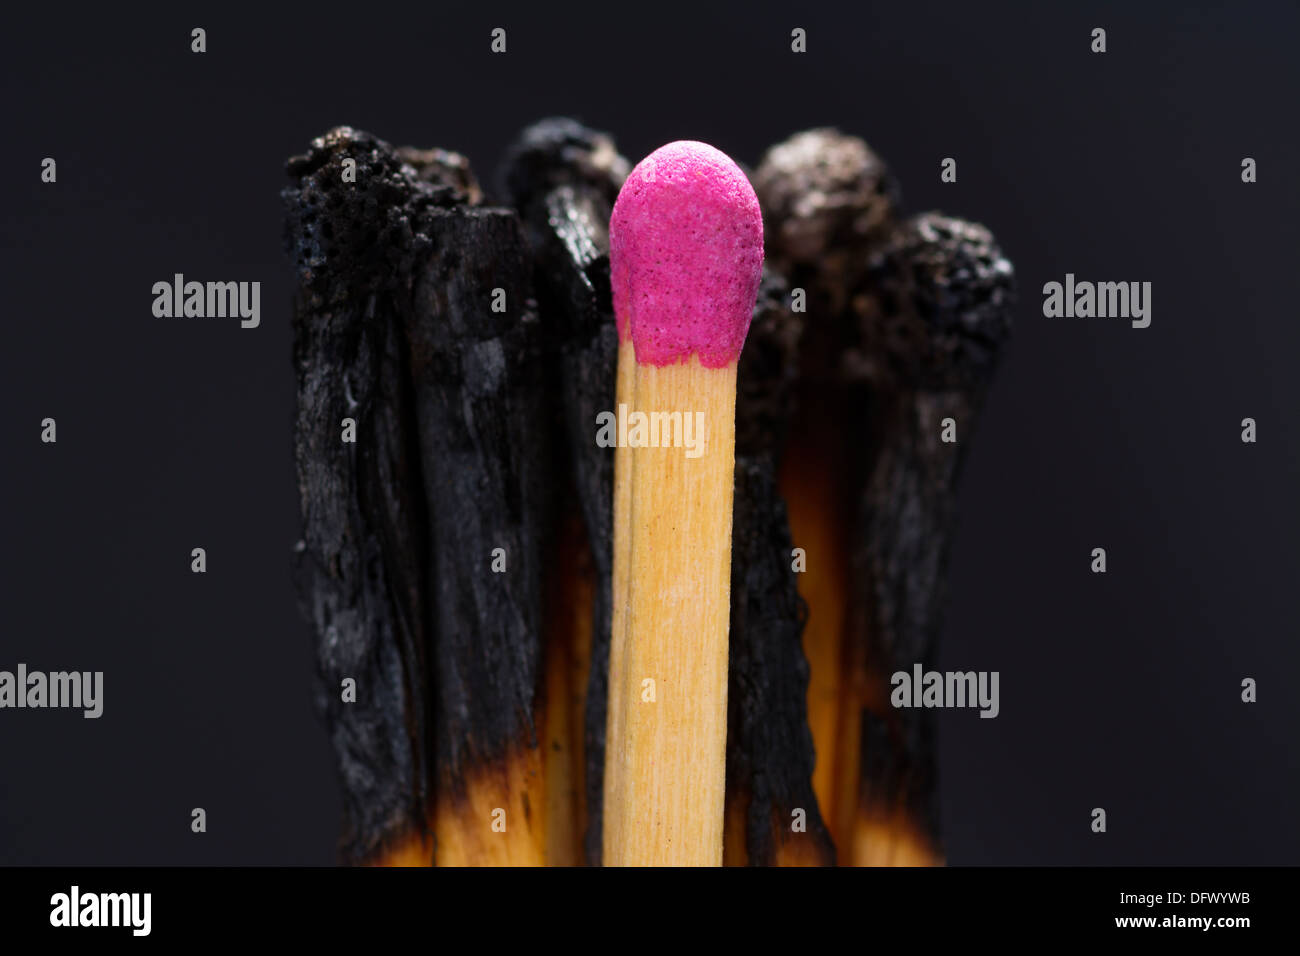 Fotografía que muestra el concepto quemado coincide con uno intacto uno ilustrando el quemado y liderazgo metáfora empresarial Imagen De Stock